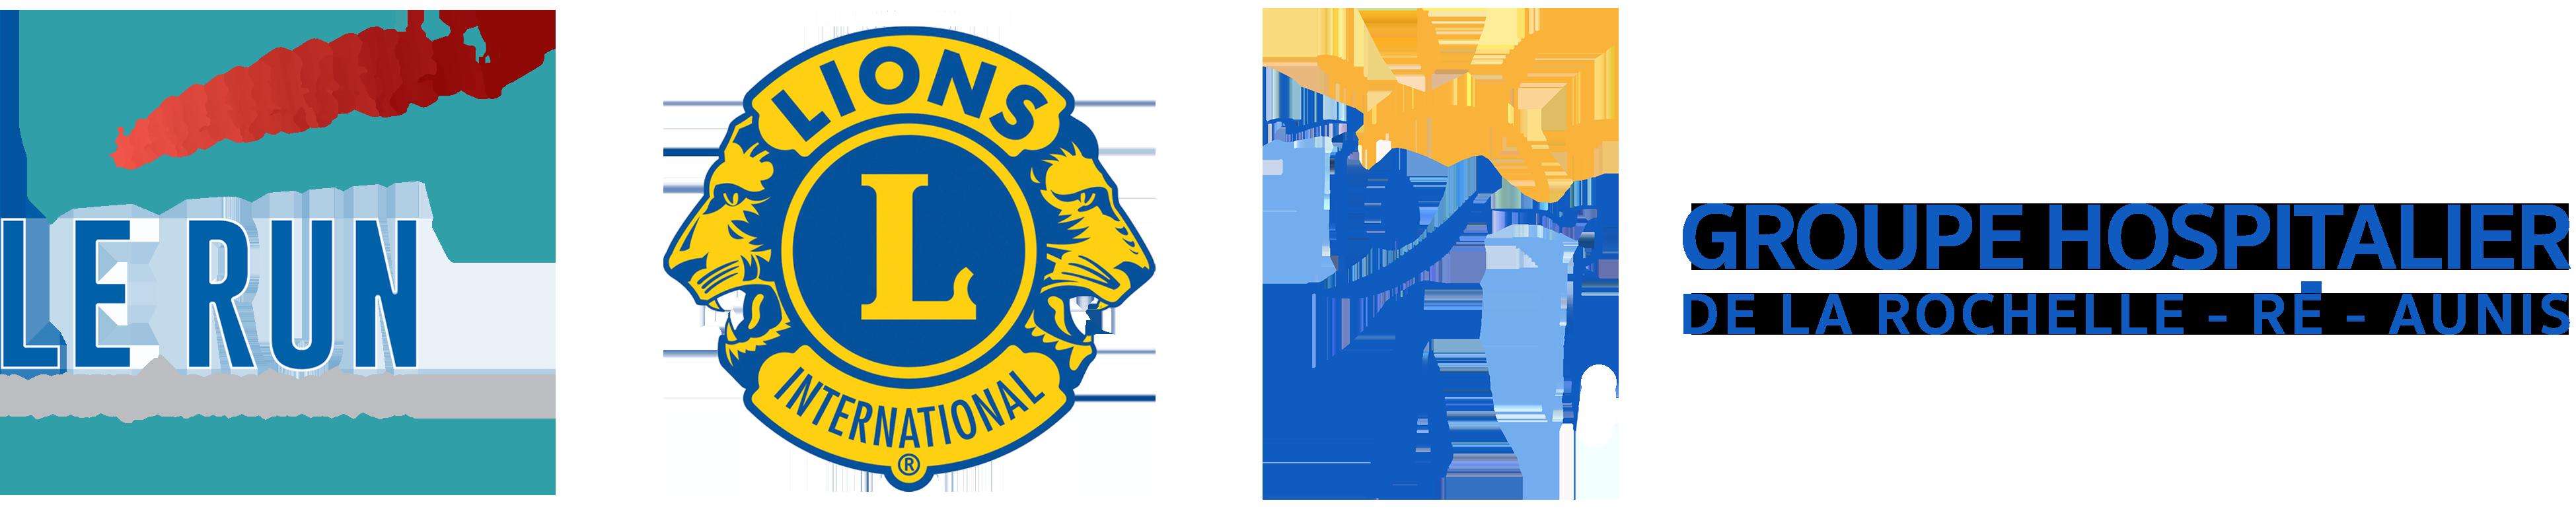 Logo Hopital Run des Pertuis